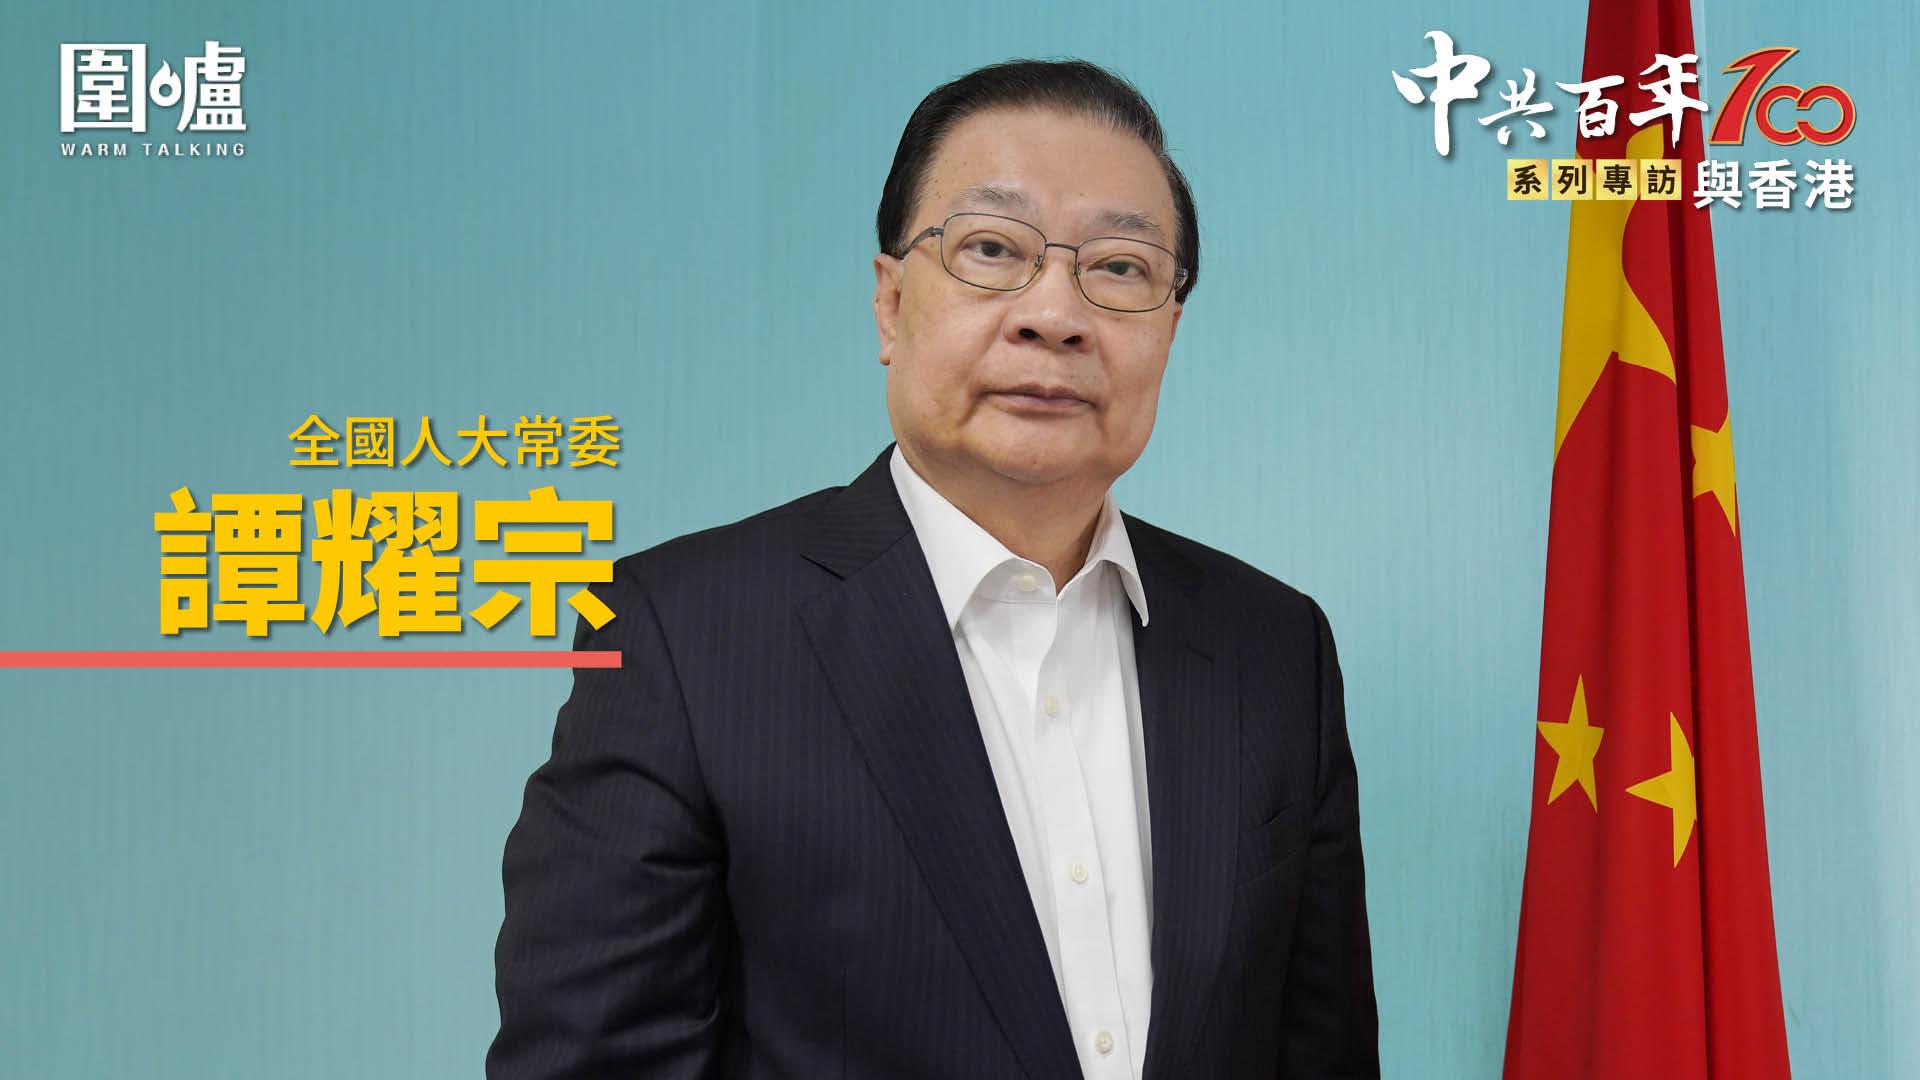 【專訪】譚耀宗:祖國如母親般關顧香港 港人應感激國家的恩澤